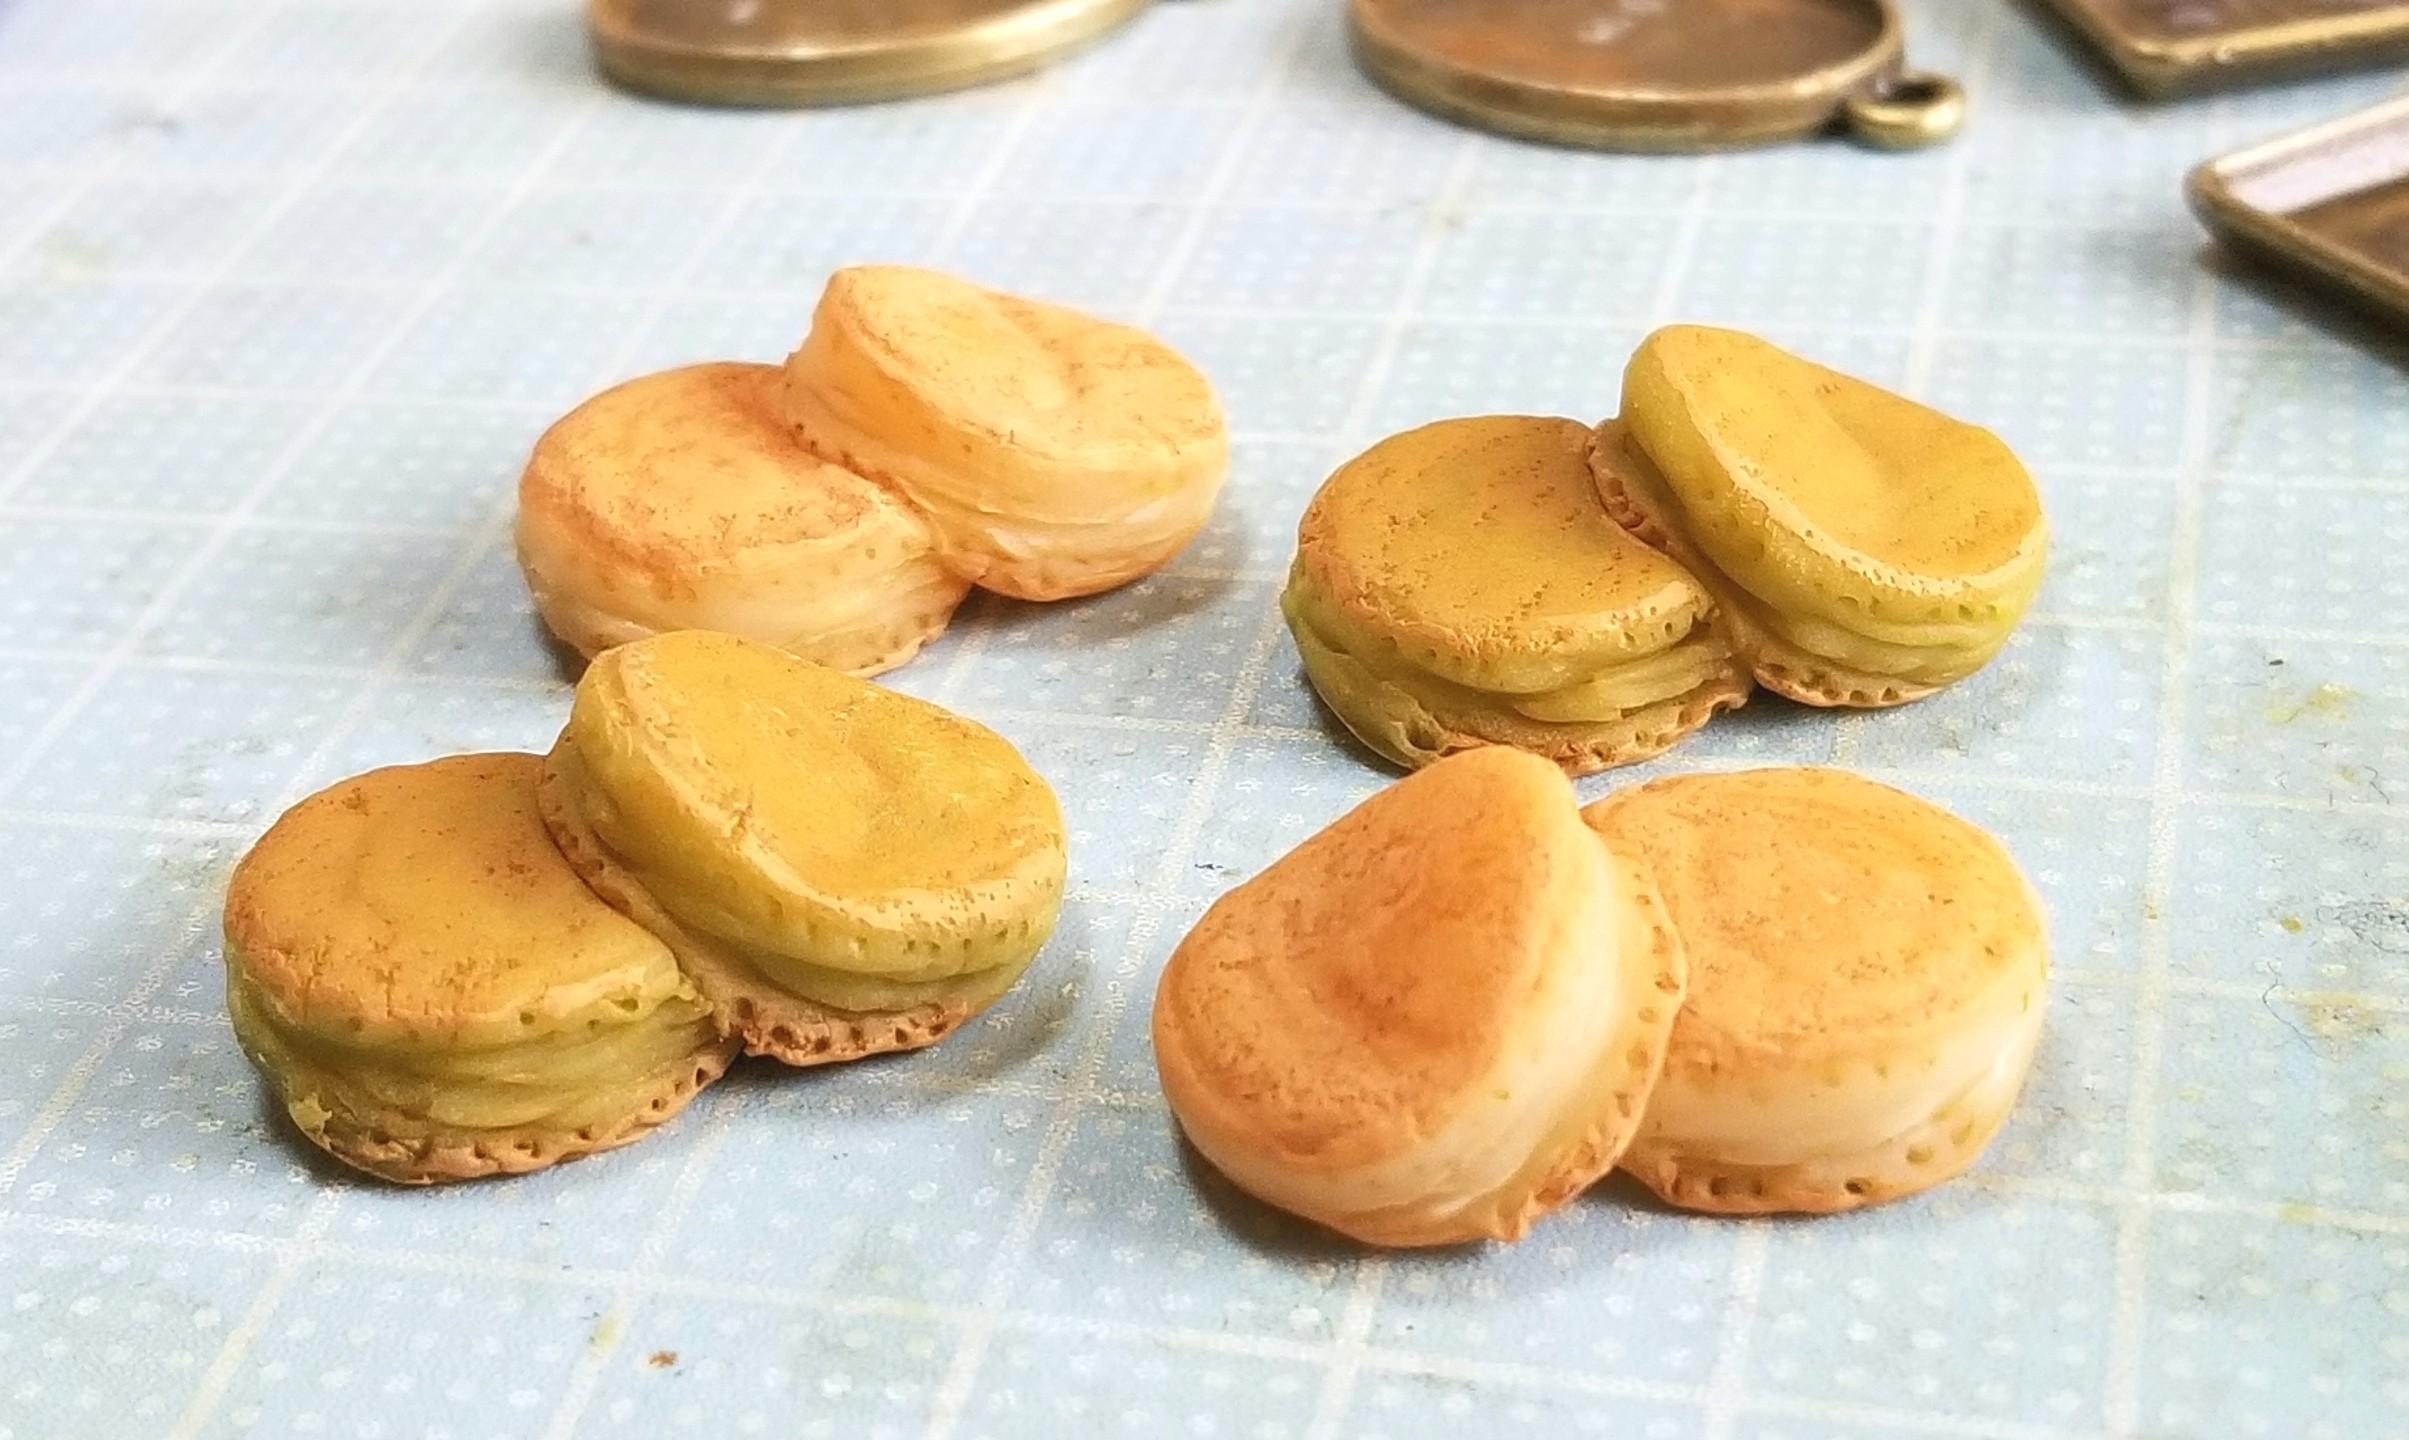 ホットケーキの作り方,ミニチュアフード,樹脂粘土,ハンドメイド